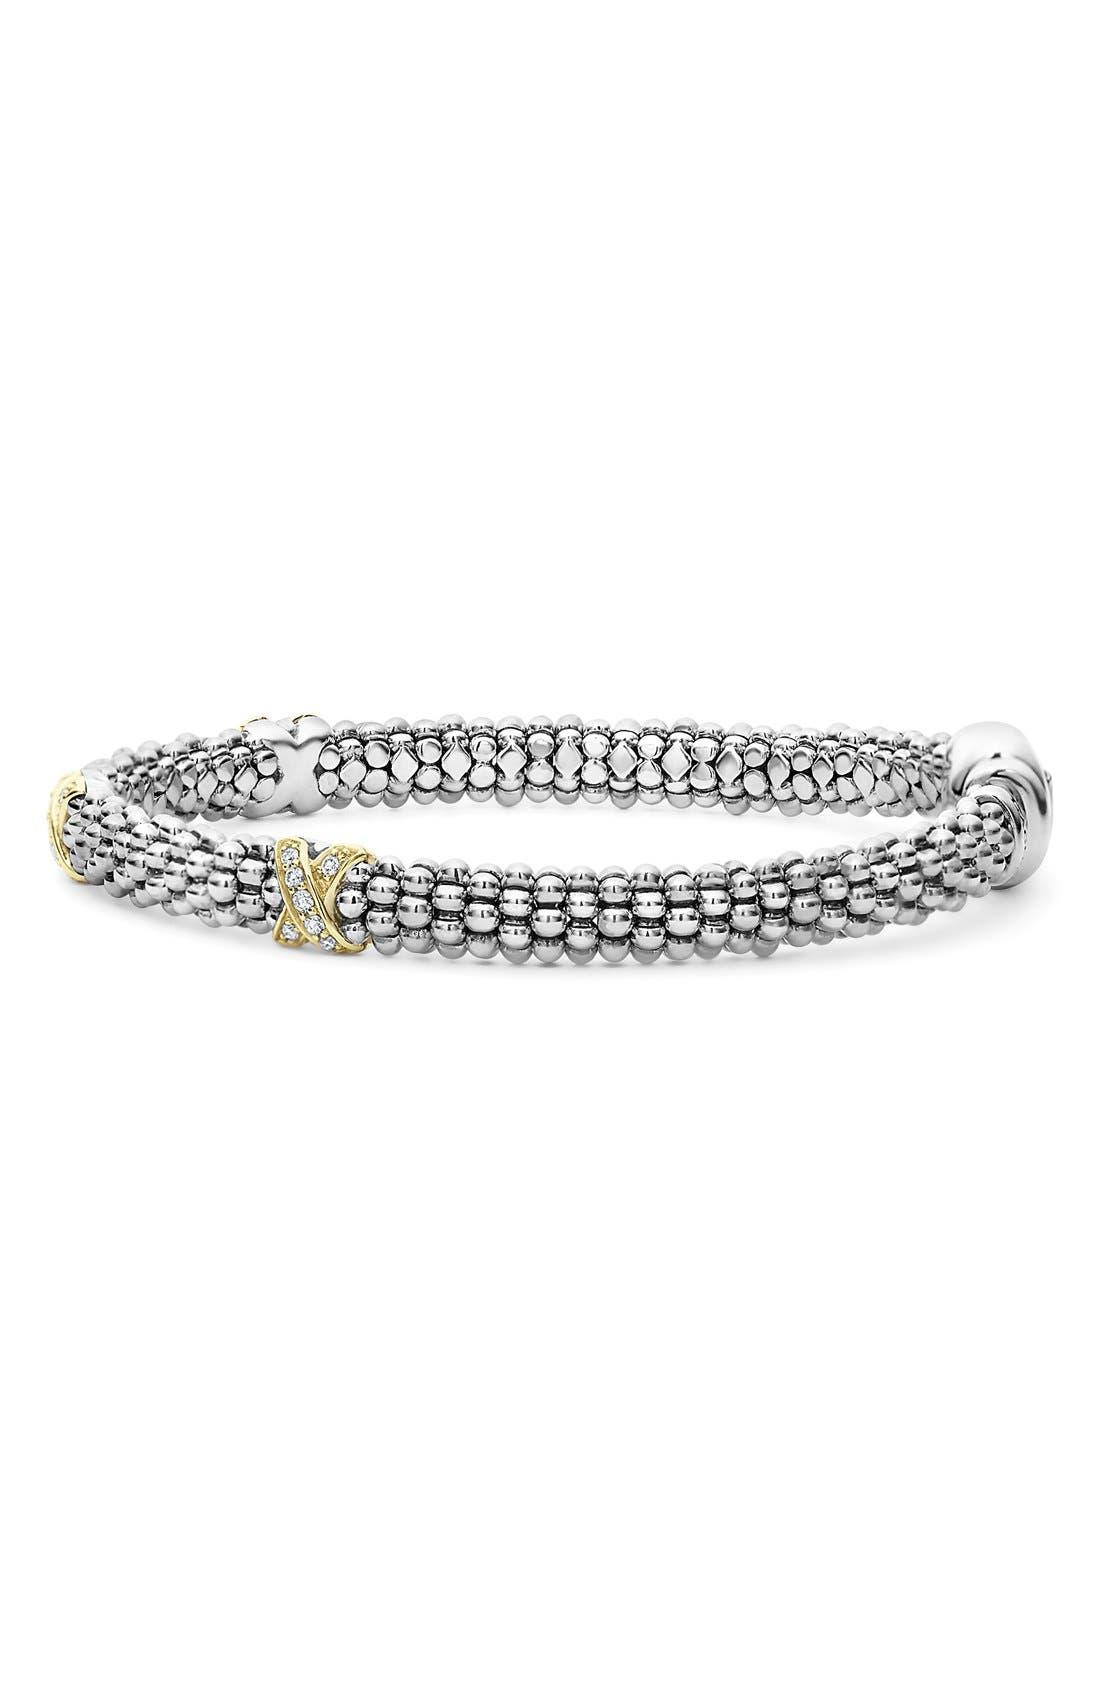 Alternate Image 3  - LAGOS 'Signature Caviar' Diamond Rope Bracelet